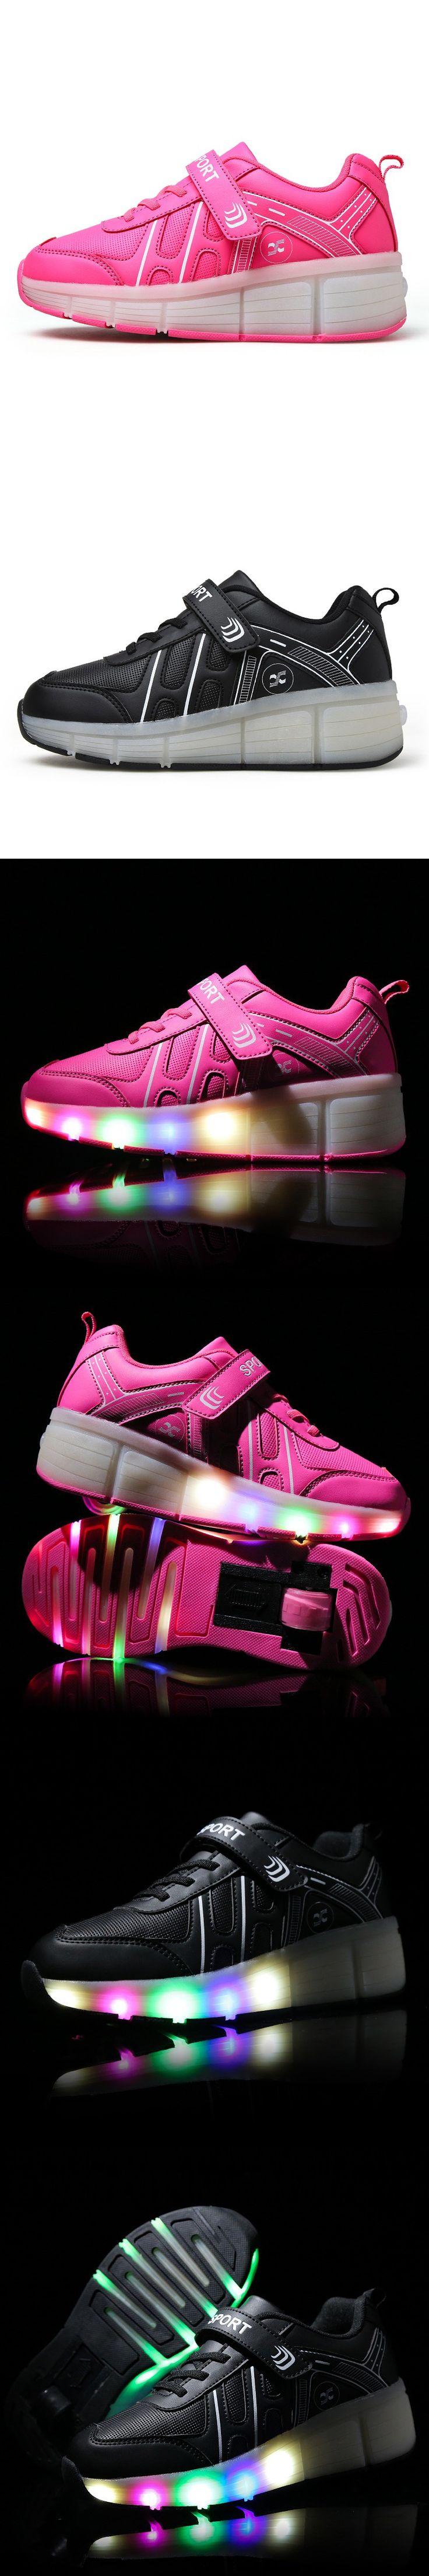 KIDS SHOES Girls Glowing Sneakers Boys Zapatillas Deportivas Hombre Tenis Infantil Wheelie Mujer With Wheels LED Glow Shoe Sport $36.66